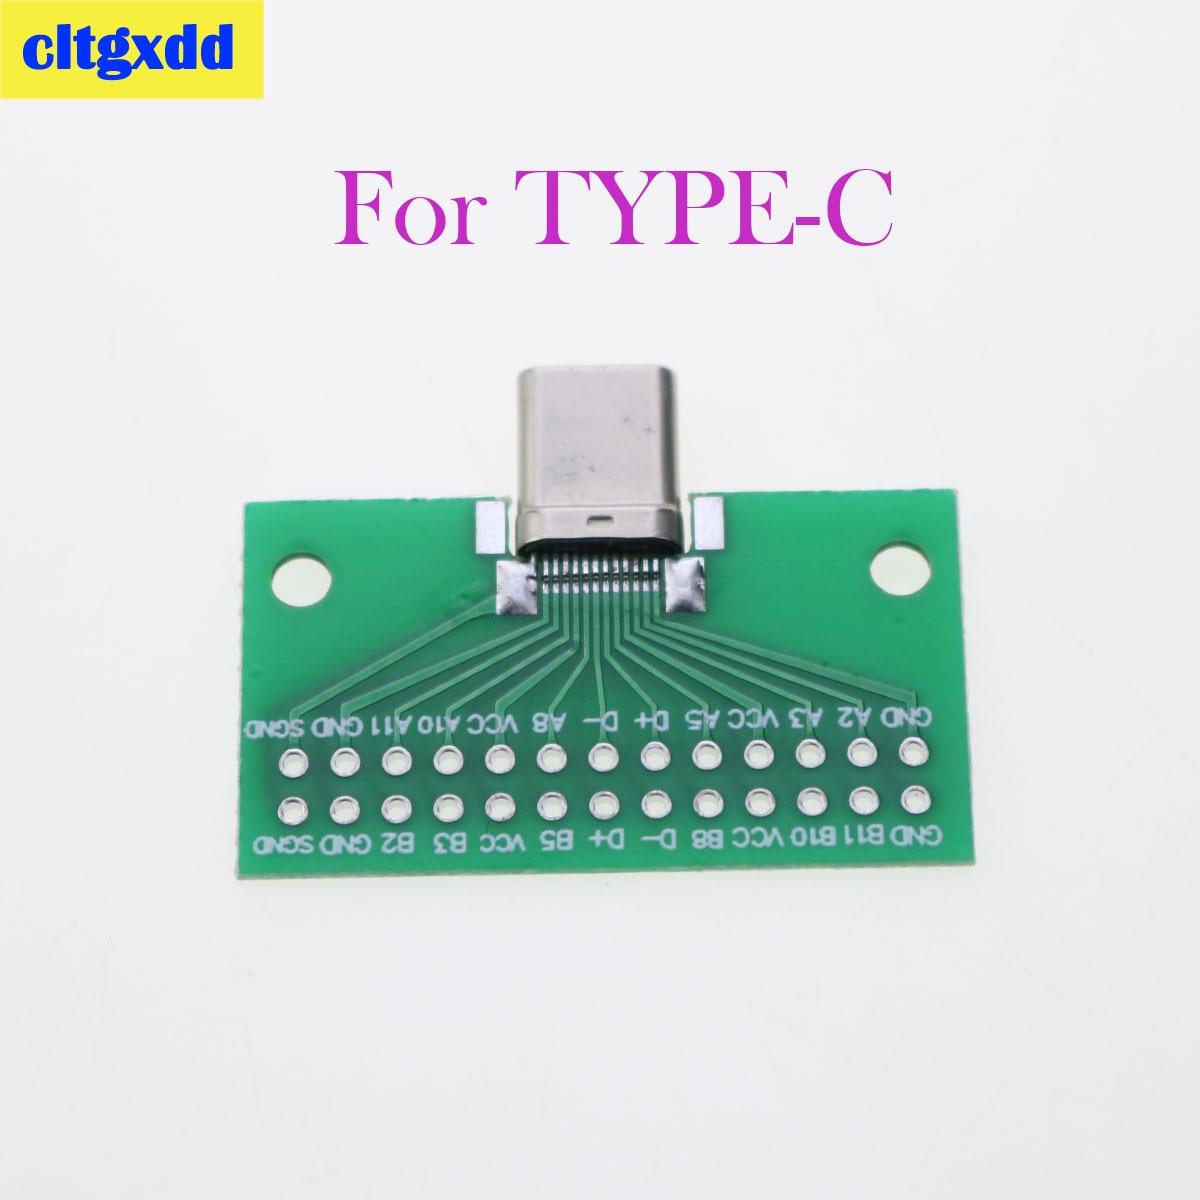 Cltgxdd 1 Uds Conector USB 3,1 tipo C macho a hembra adaptador de placa tipo PCI de prueba para transferencia de Cable de línea